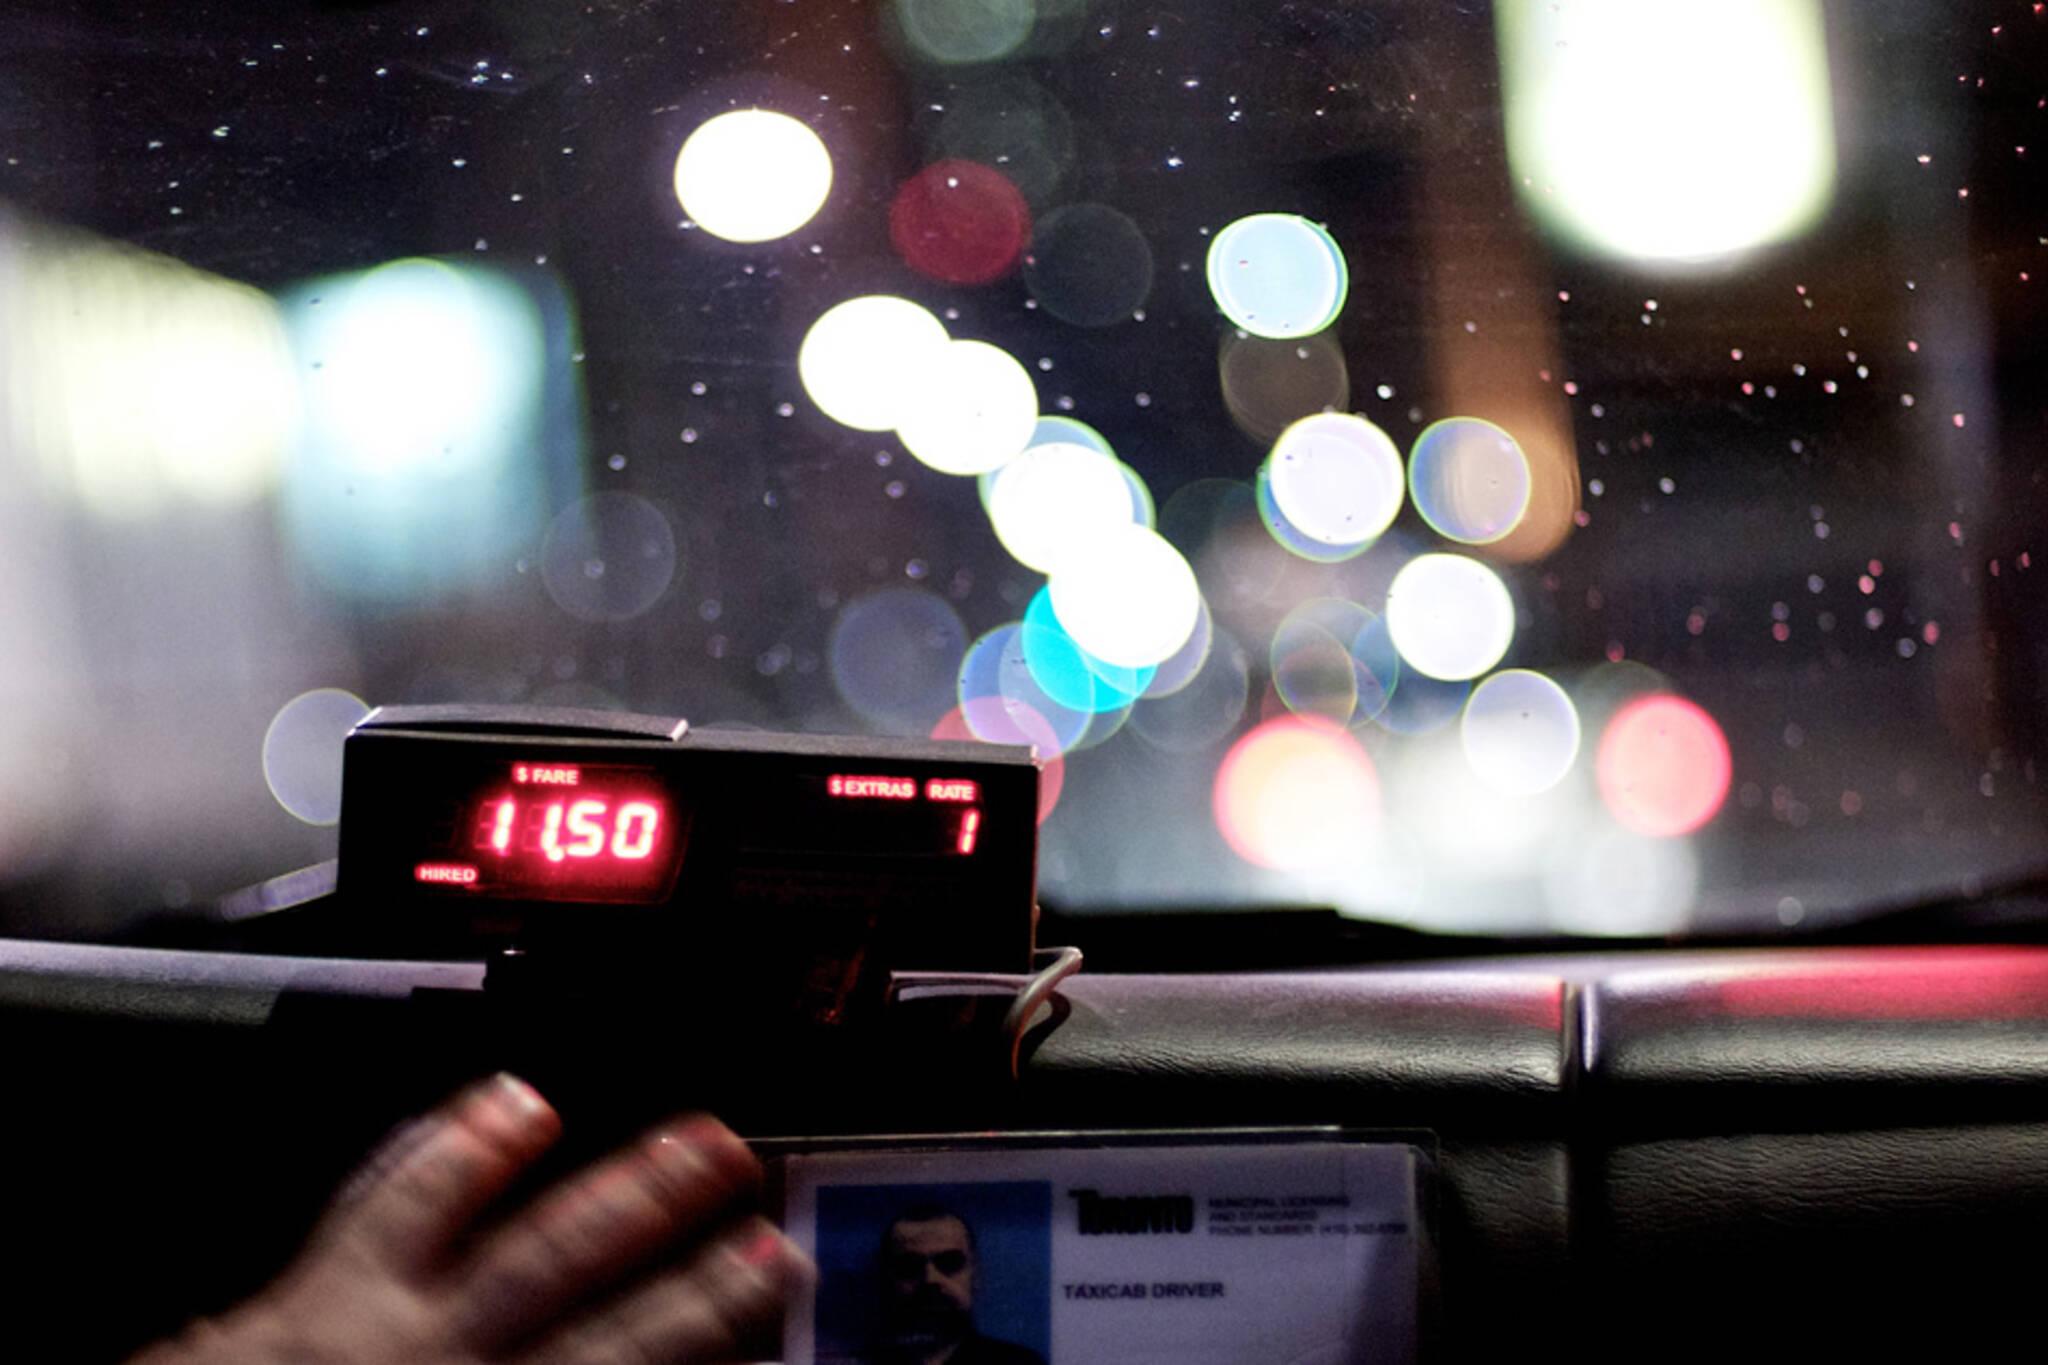 toronto taxi scam